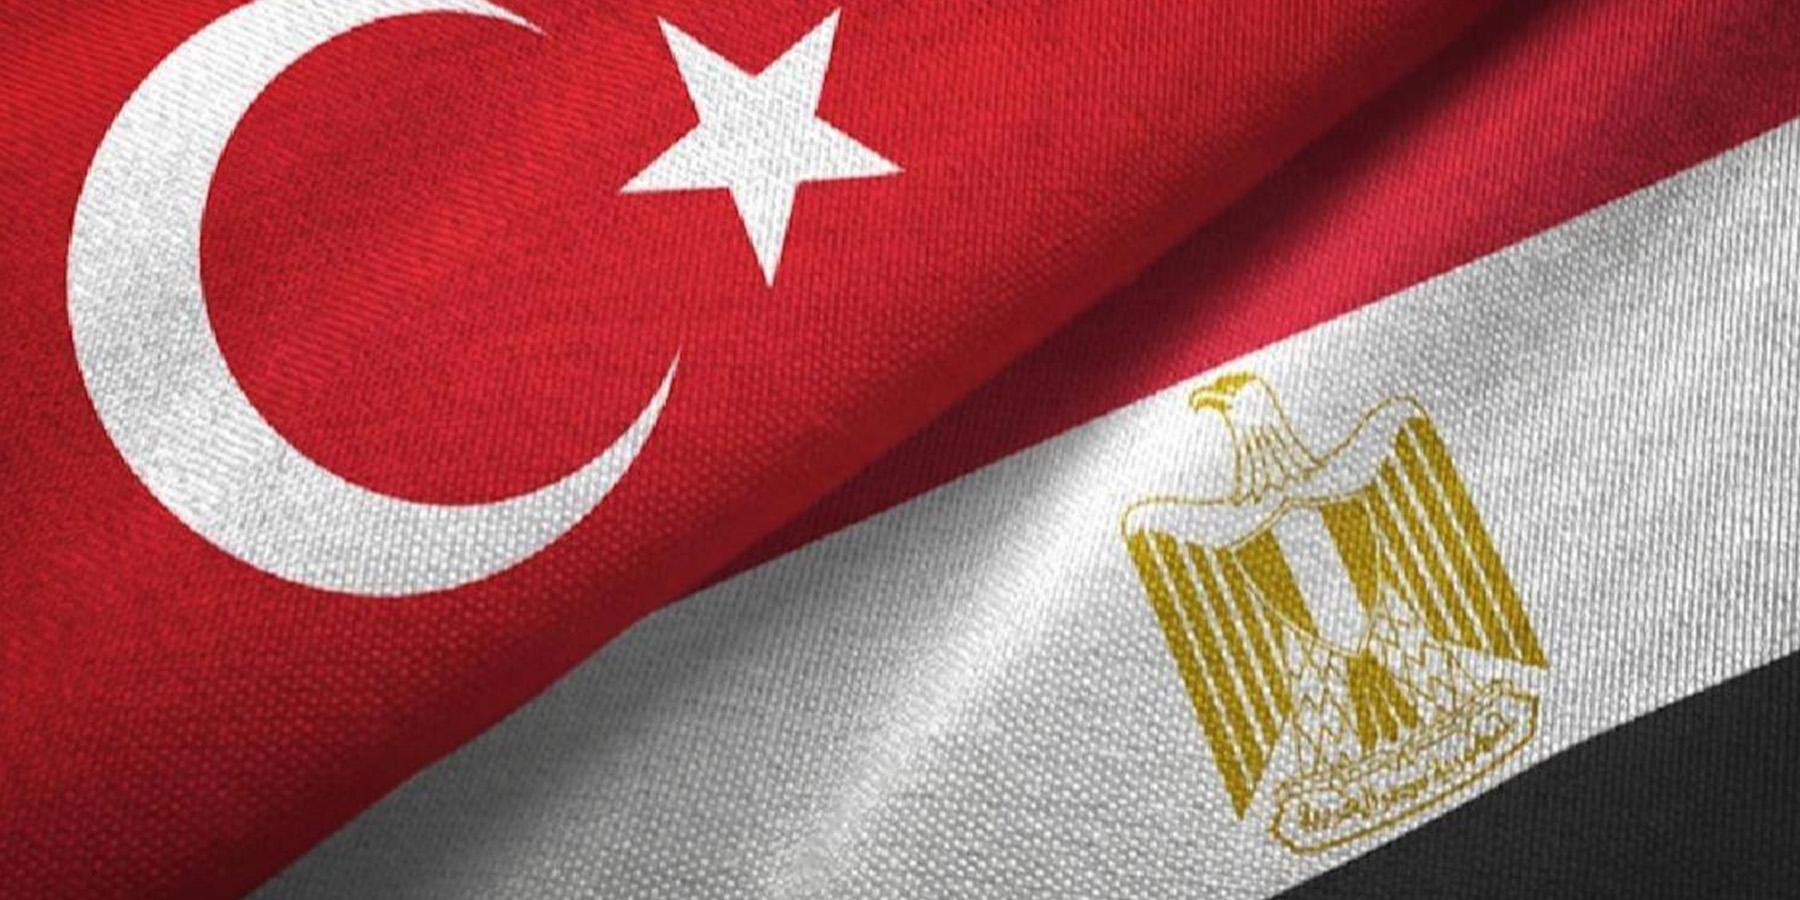 Dışişleri Bakanlığı duyurdu: Türk heyeti ile Mısır arasında görüşmeler başladı!